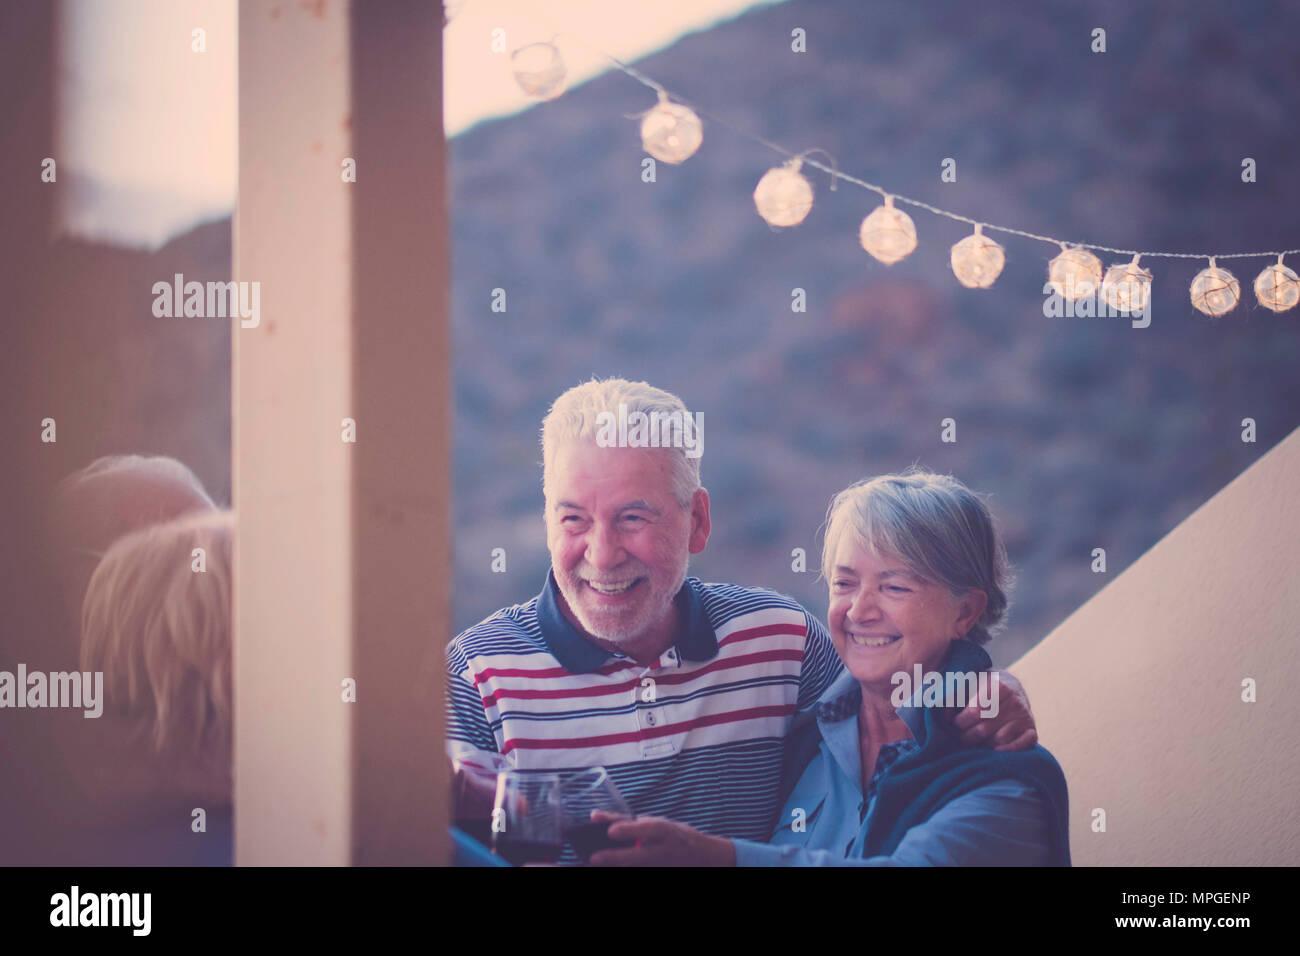 Terrasse extérieure avec une lumière dorée et quatre aînés adultes hommes et femmes restant ensemble avec joie et bonheur boire du vin ensemble Photo Stock